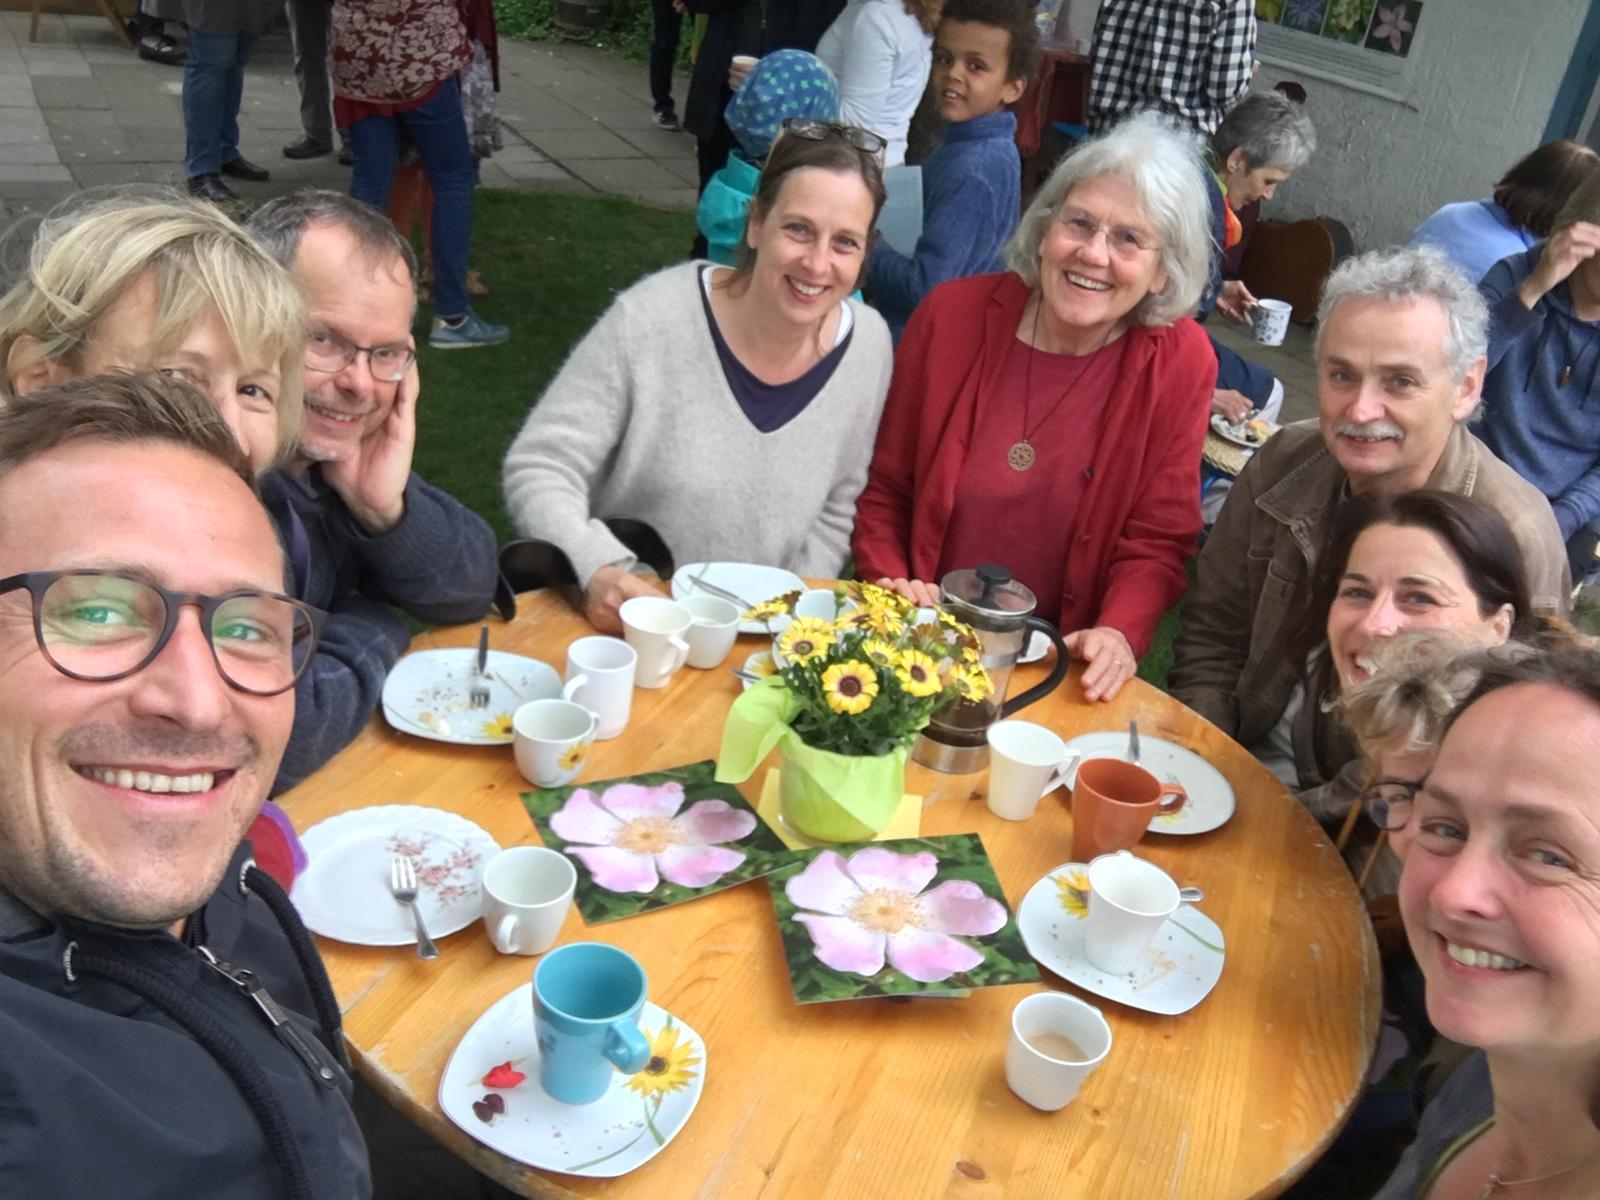 Kaffepause und Zeit zum Kennenlernen und Austauschen